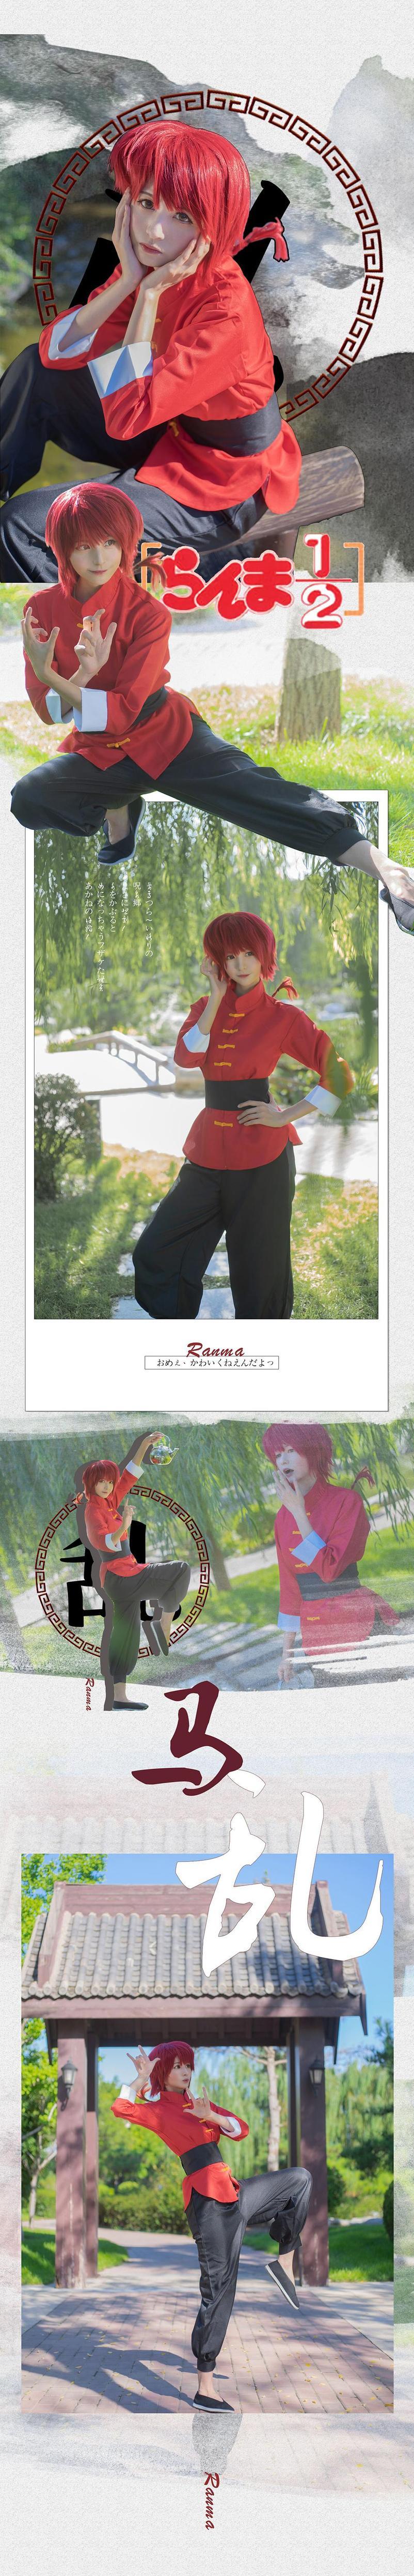 童年cosplay【CN:小乔木桃桃】 -cosplay胸图片插图